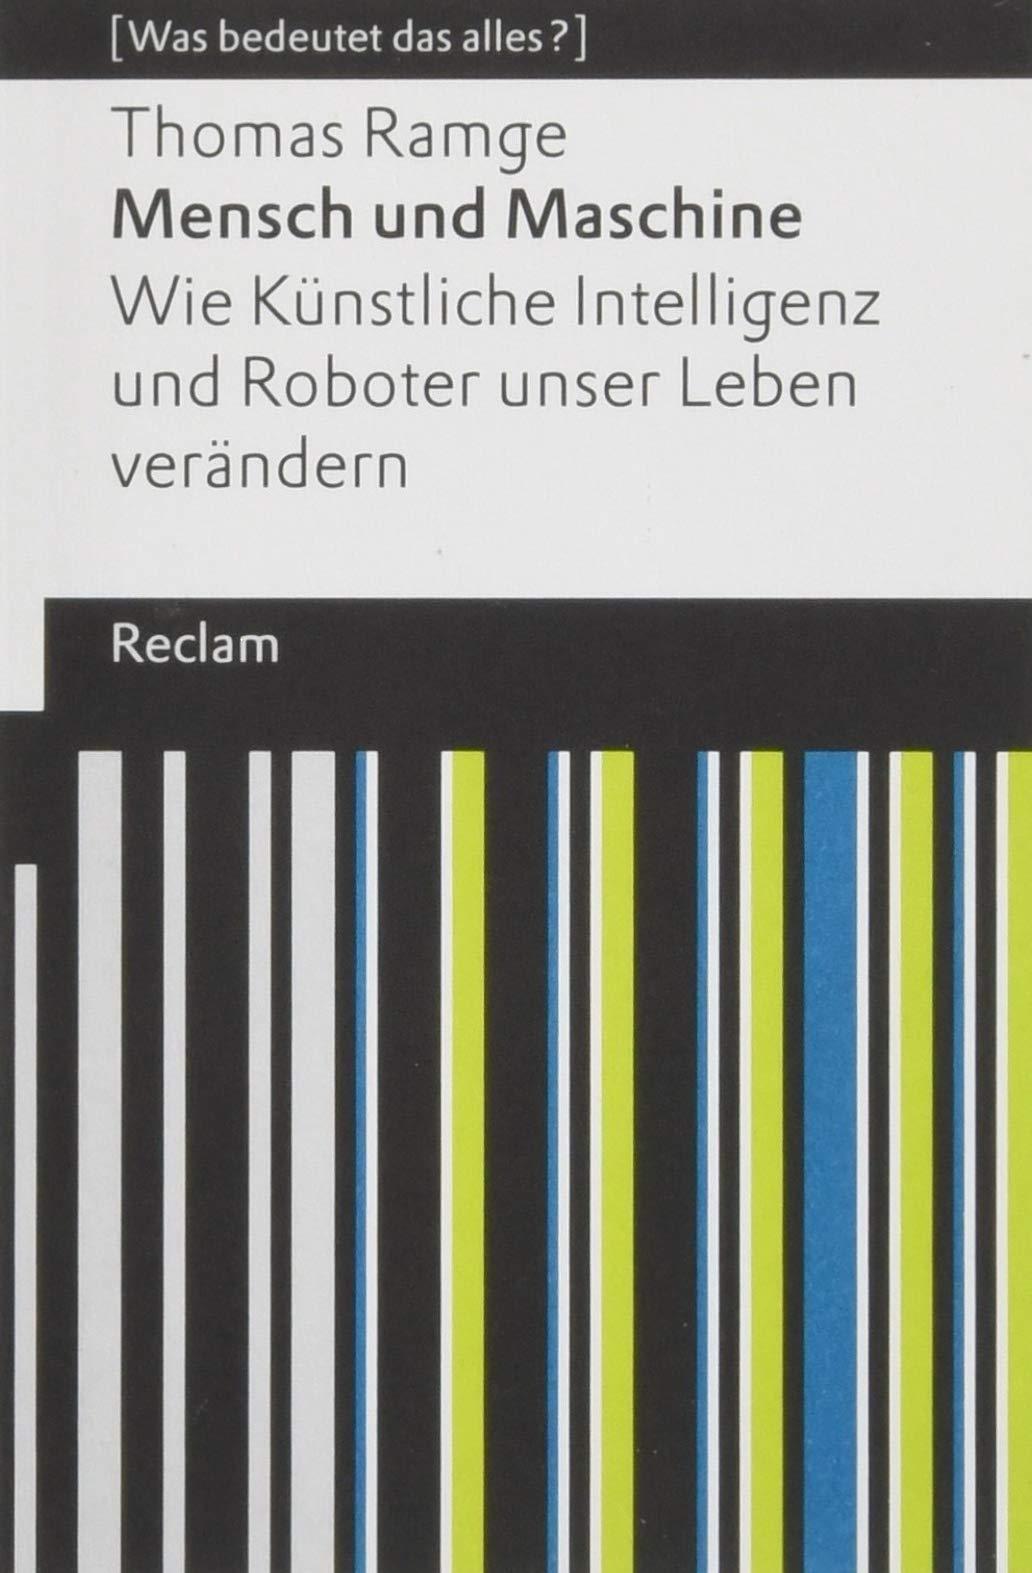 Mensch und Maschine: Wie Künstliche Intelligenz und Roboter unser Leben verändern. [Was bedeutet das alles?] (Reclams Universal-Bibliothek) Taschenbuch – 16. März 2018 Thomas Ramge Dinara Galieva Philipp jun. GmbH